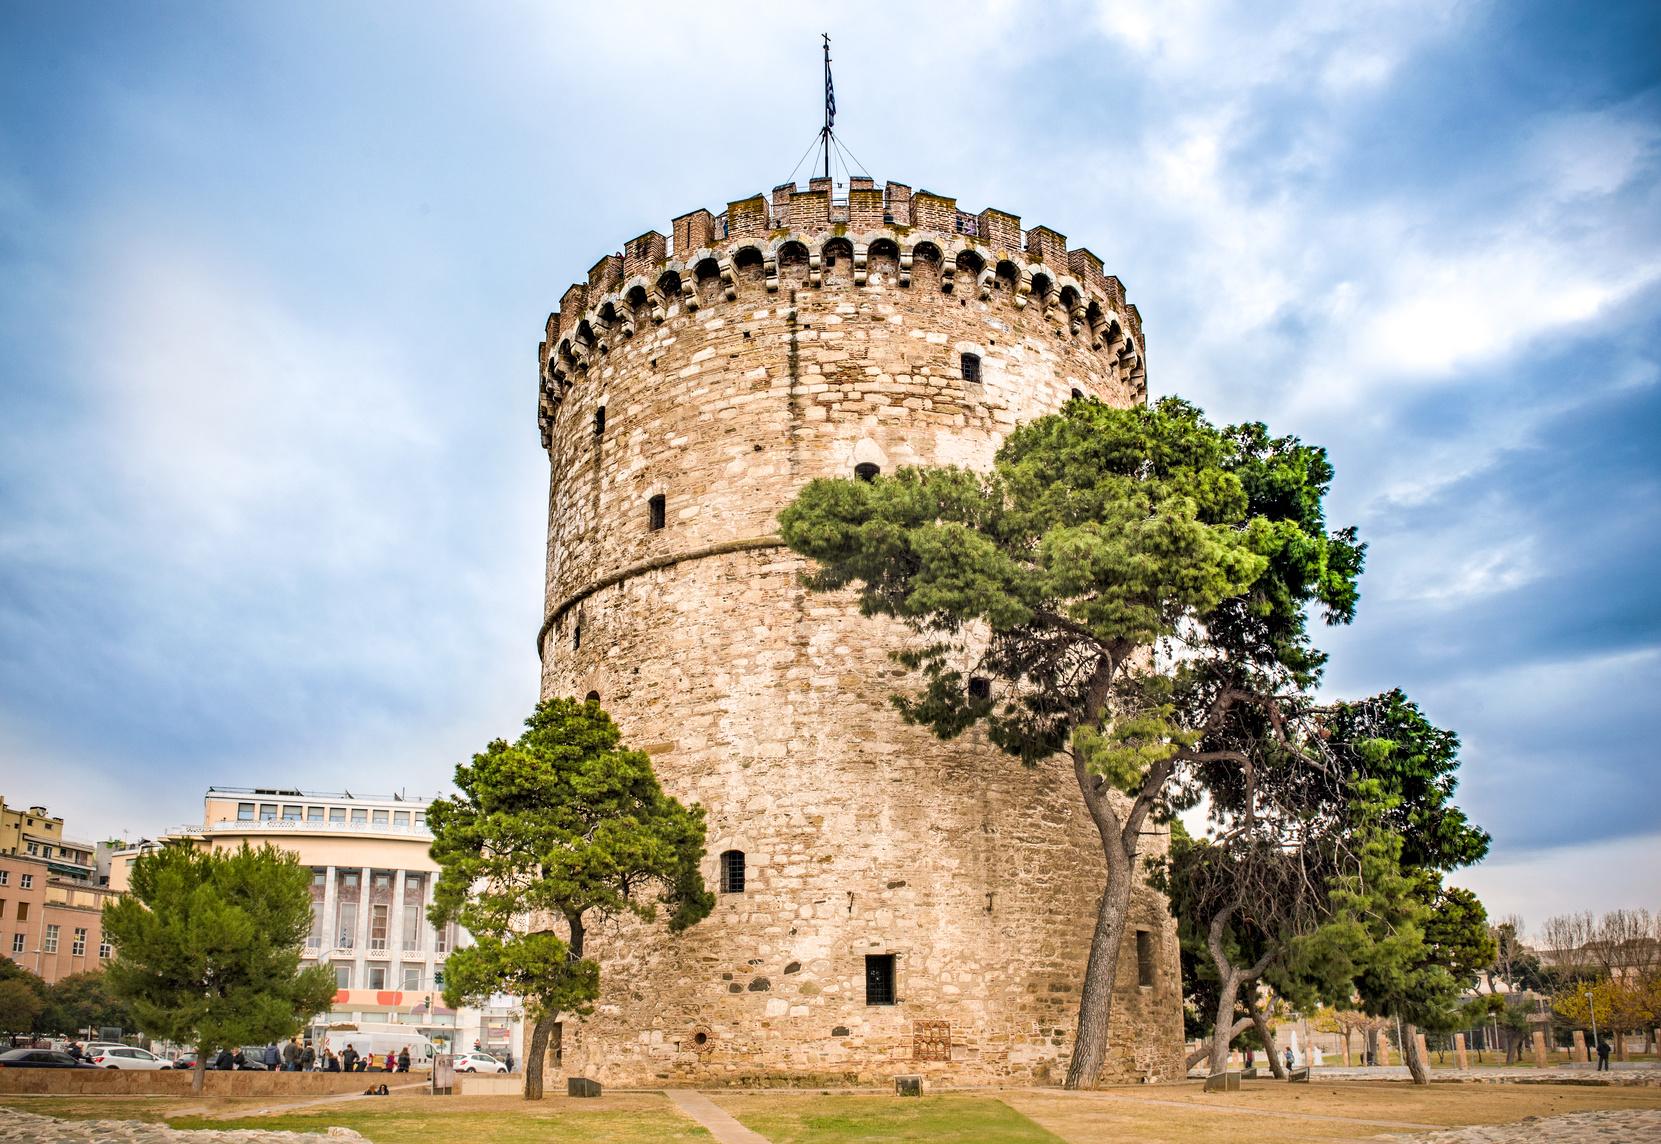 Biała Wieża, Saloniki, Grecja, podróż, turystyka, kantor internetowy, Ekantor.pl